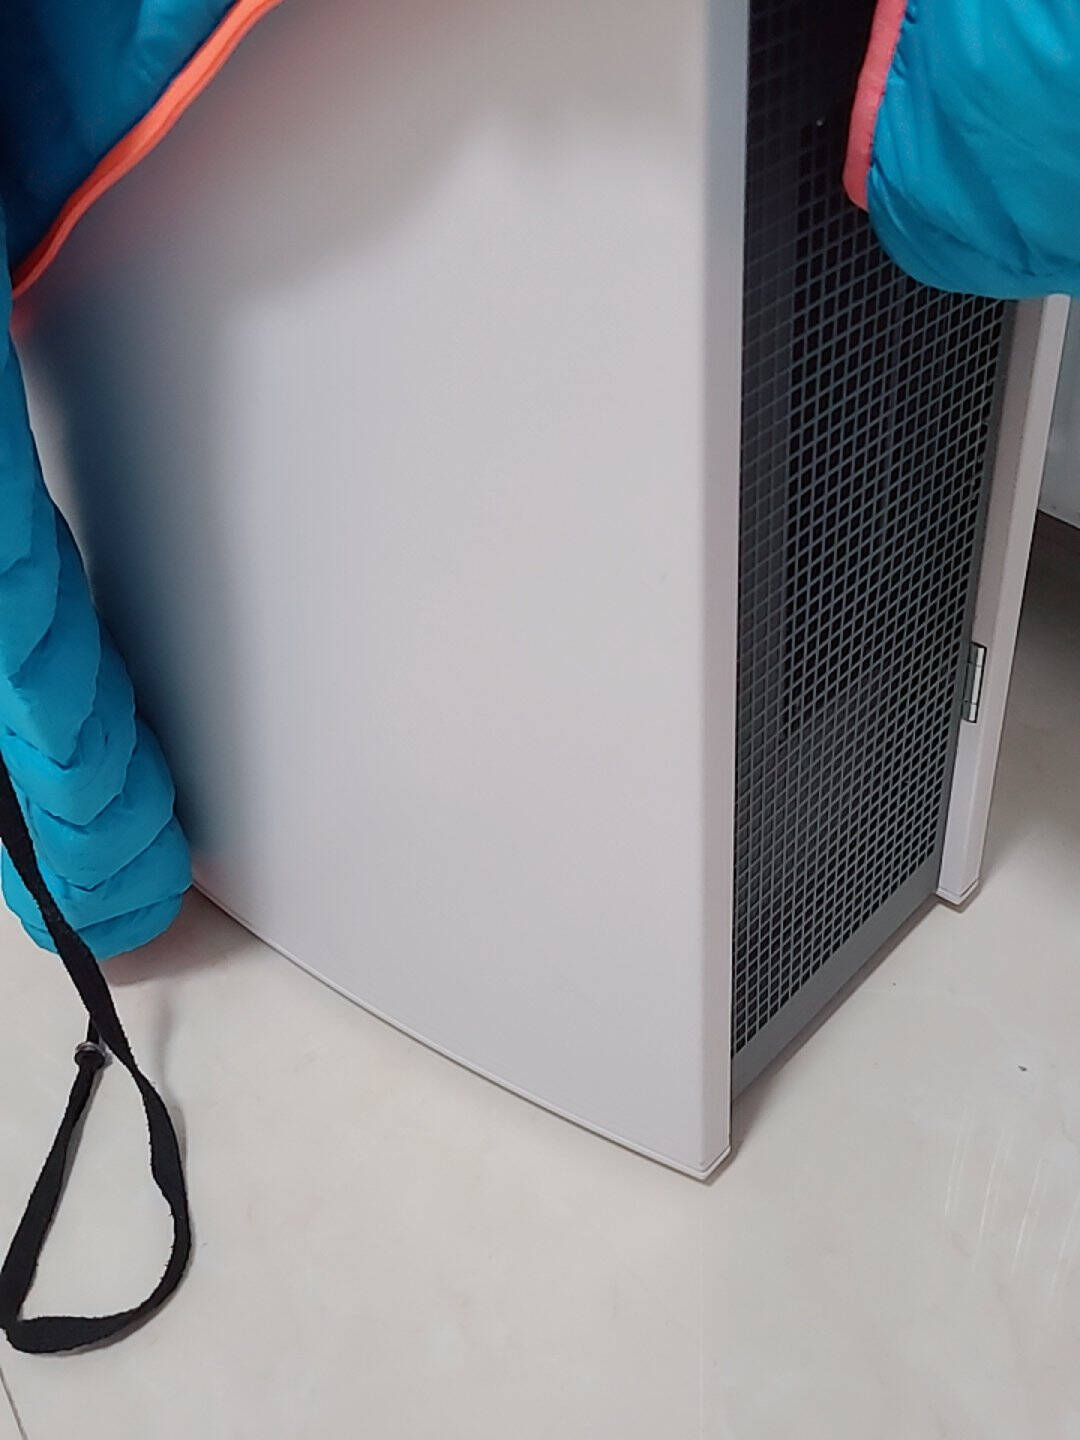 布鲁雅尔Blueair空气净化器过滤芯粒子型滤网适用403/410B/460i除颗粒物PM2.5粒子型